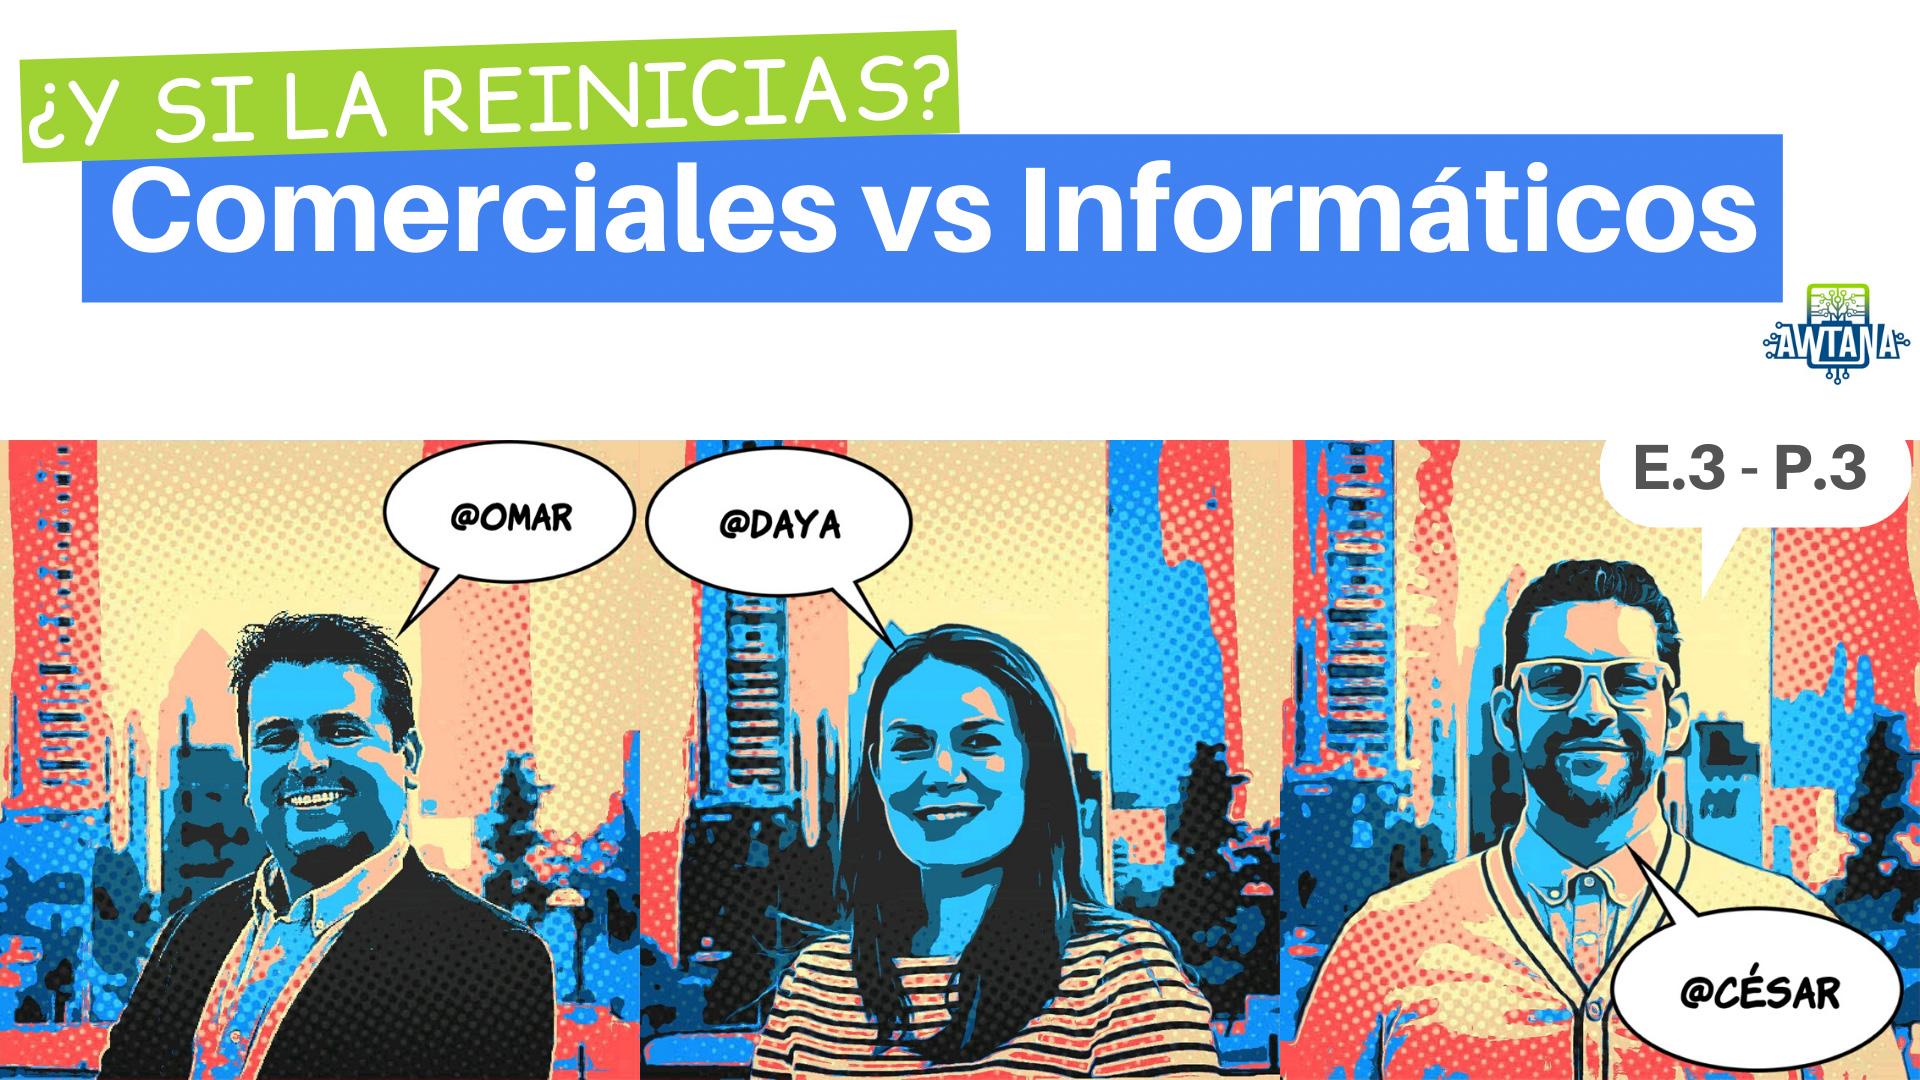 Comerciales vs Informaticos